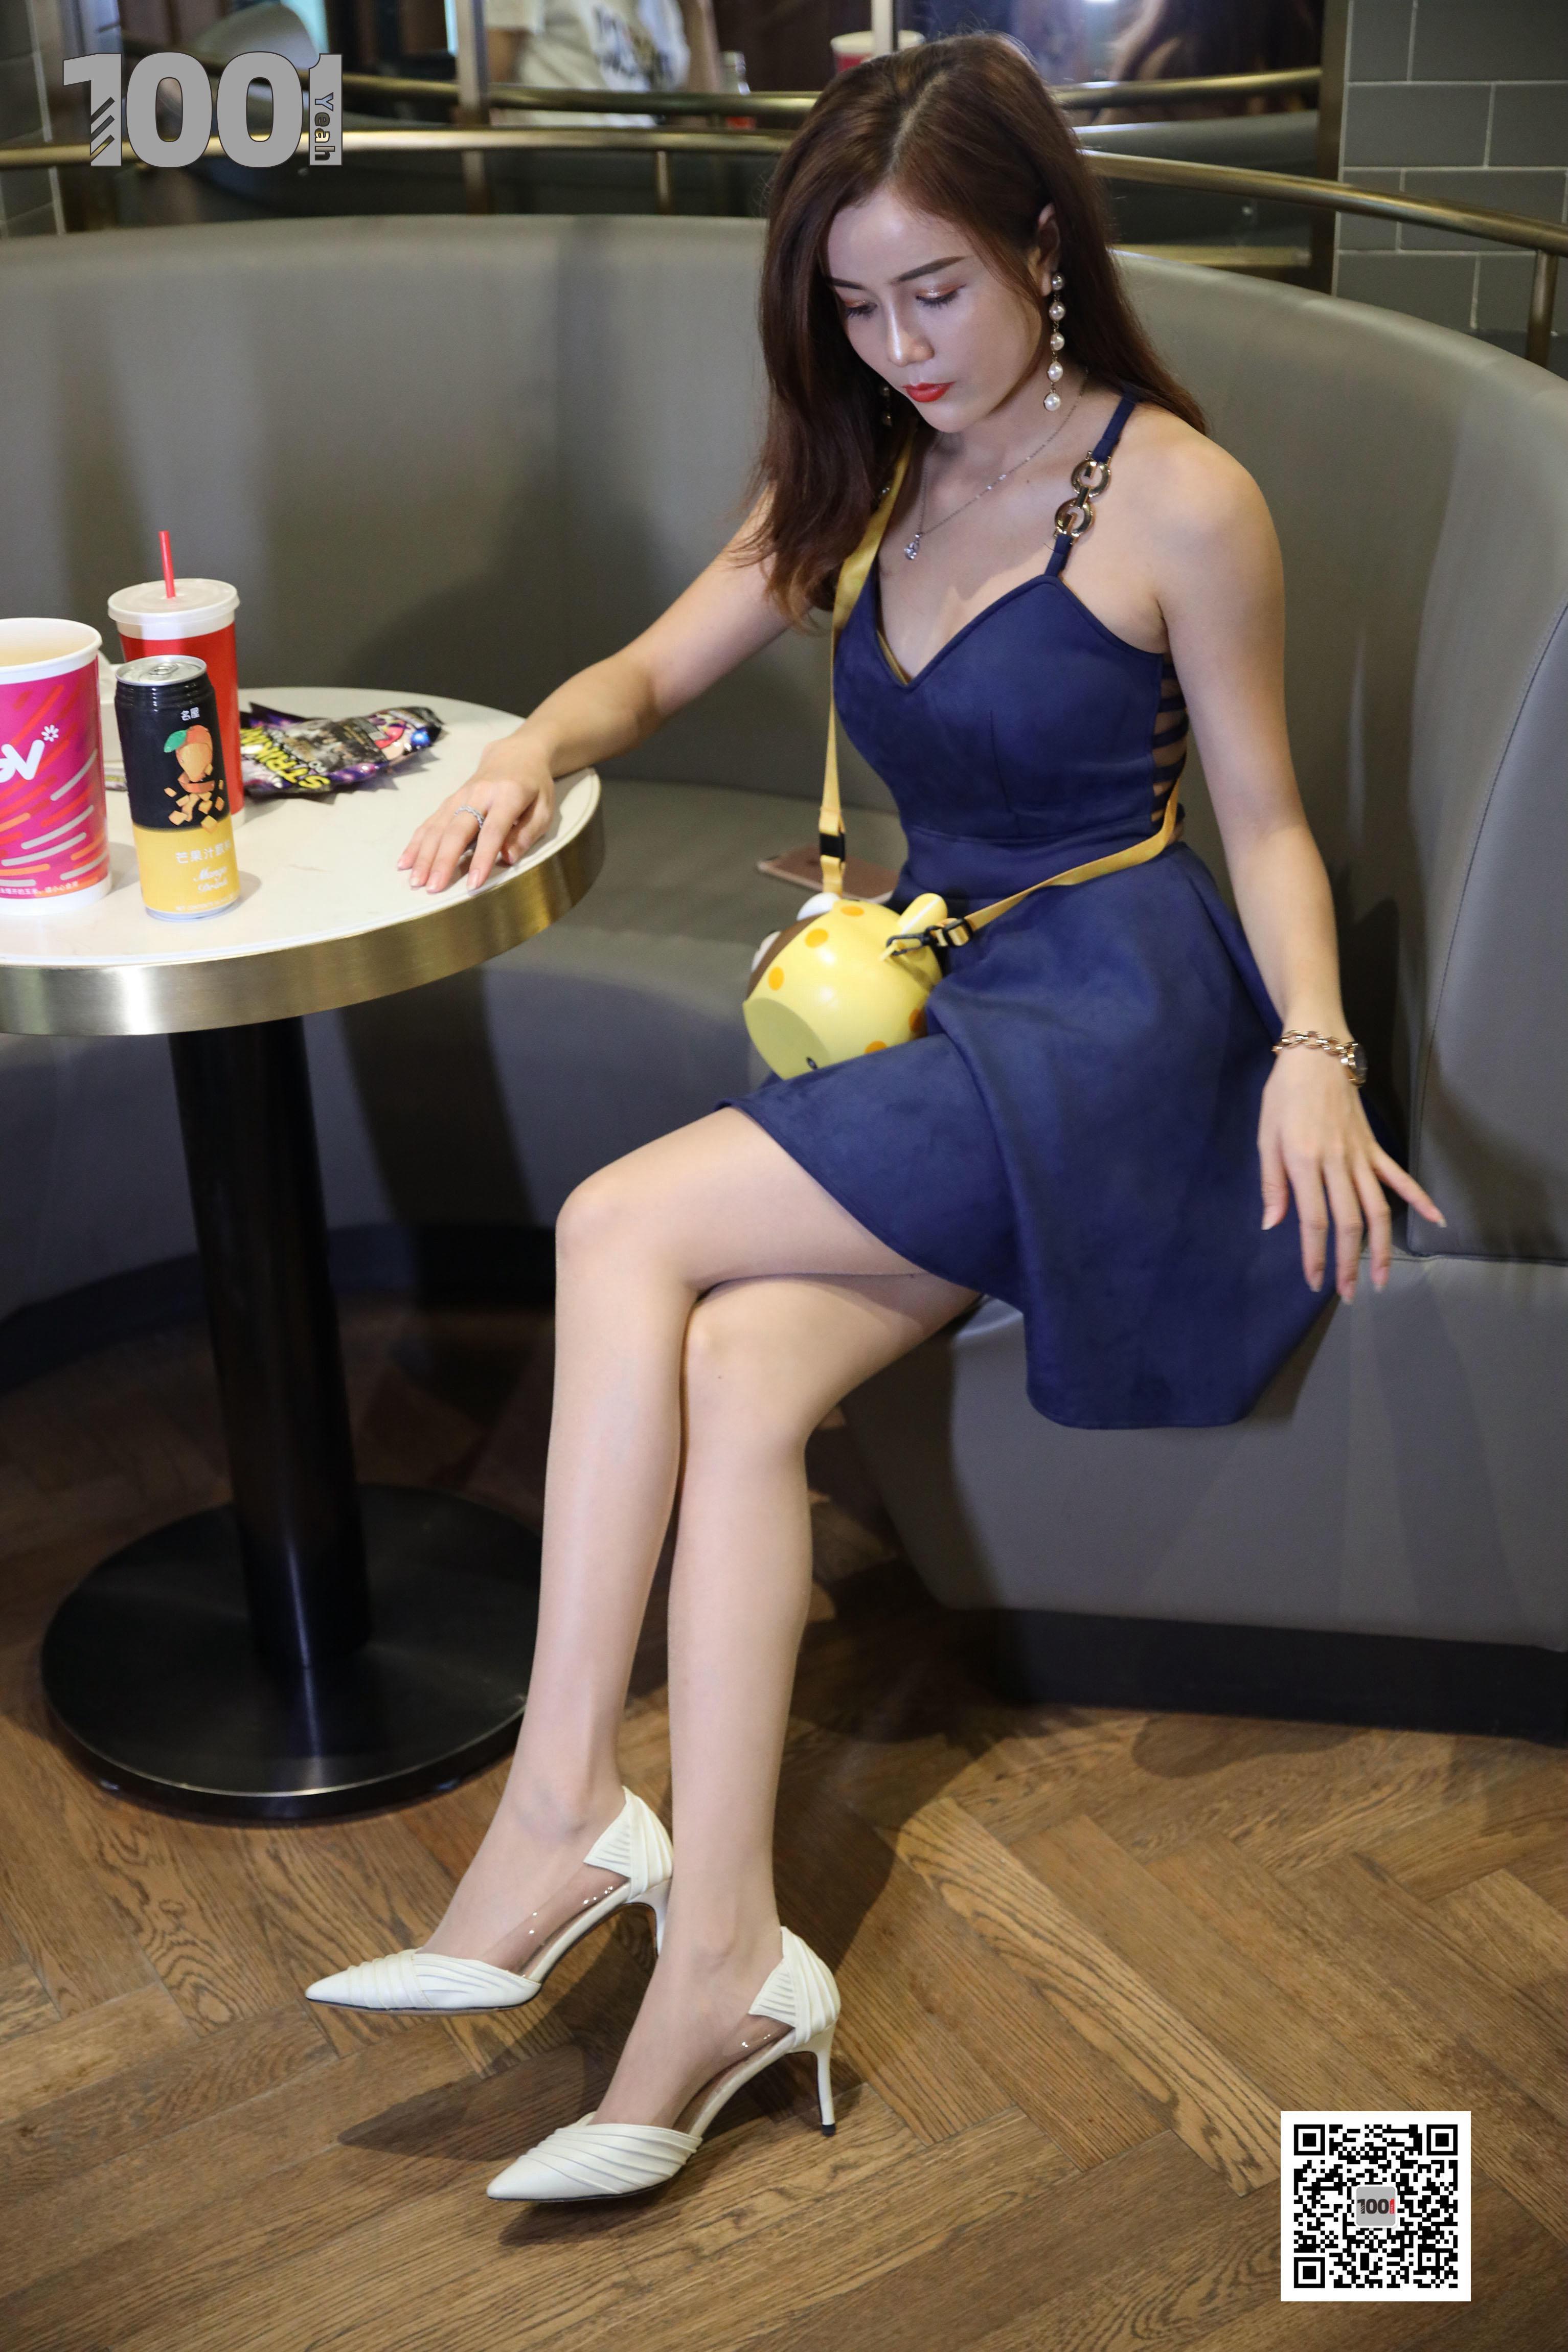 1001夜丝事 模特:Lucy 电影院2 (邀请你一起看电影,求带)-蜜桃畅享